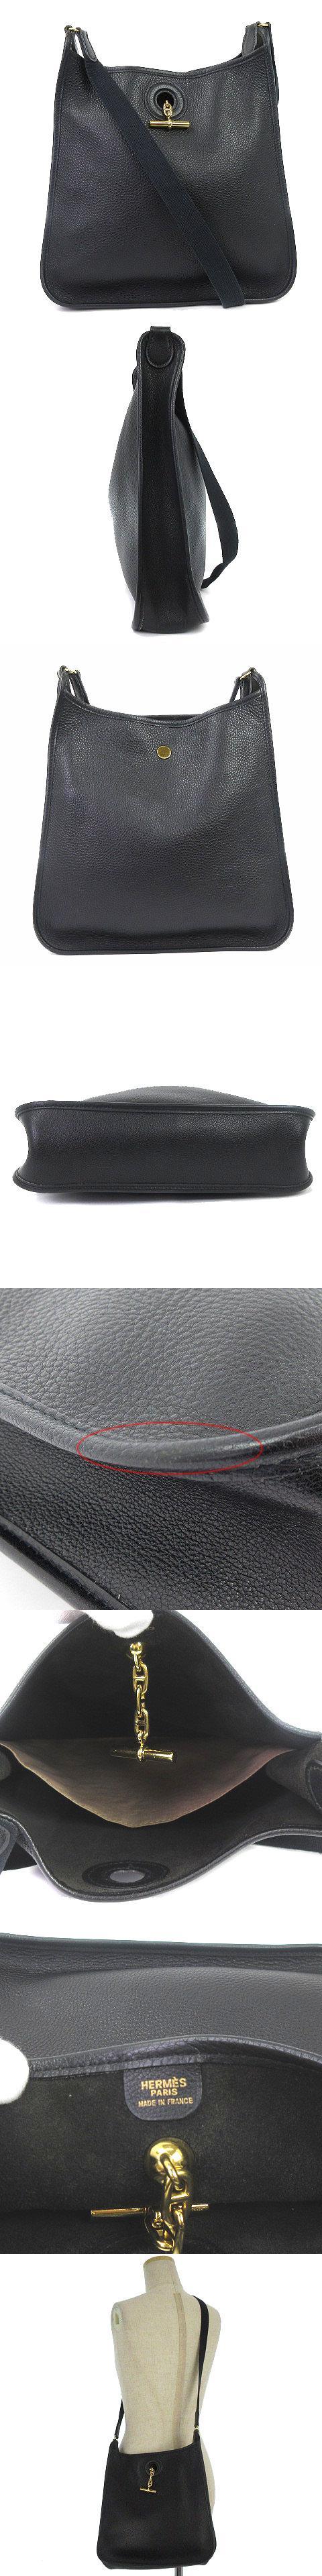 ヴェスパPM ショルダーバッグ トゴ □C 刻印 レザー 黒 ブラック 鞄 ☆AA★